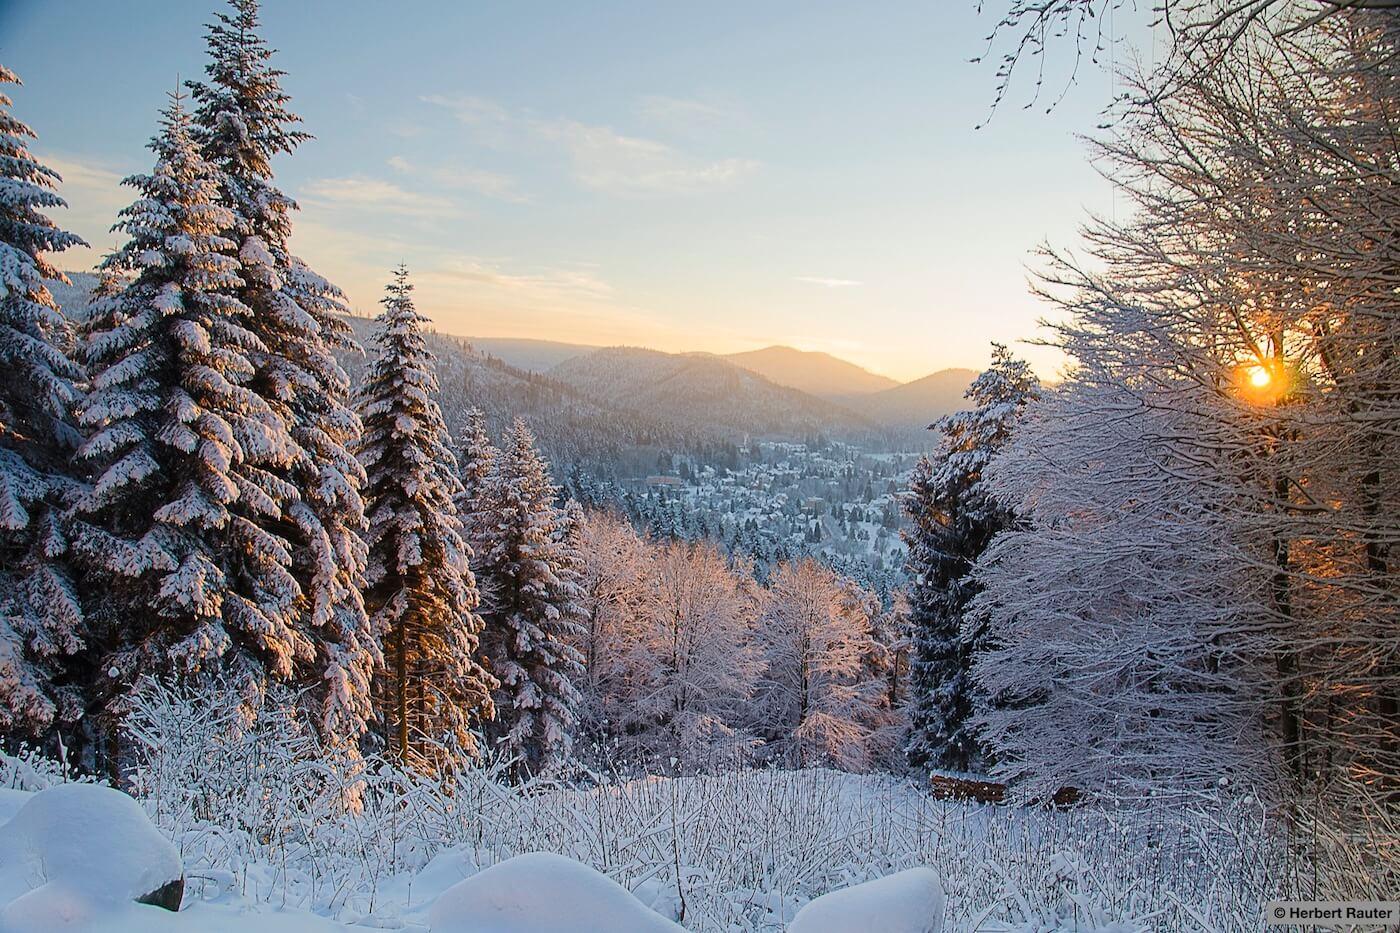 Rotensoler Steige Bad Herrenalb © Herbert Rauter